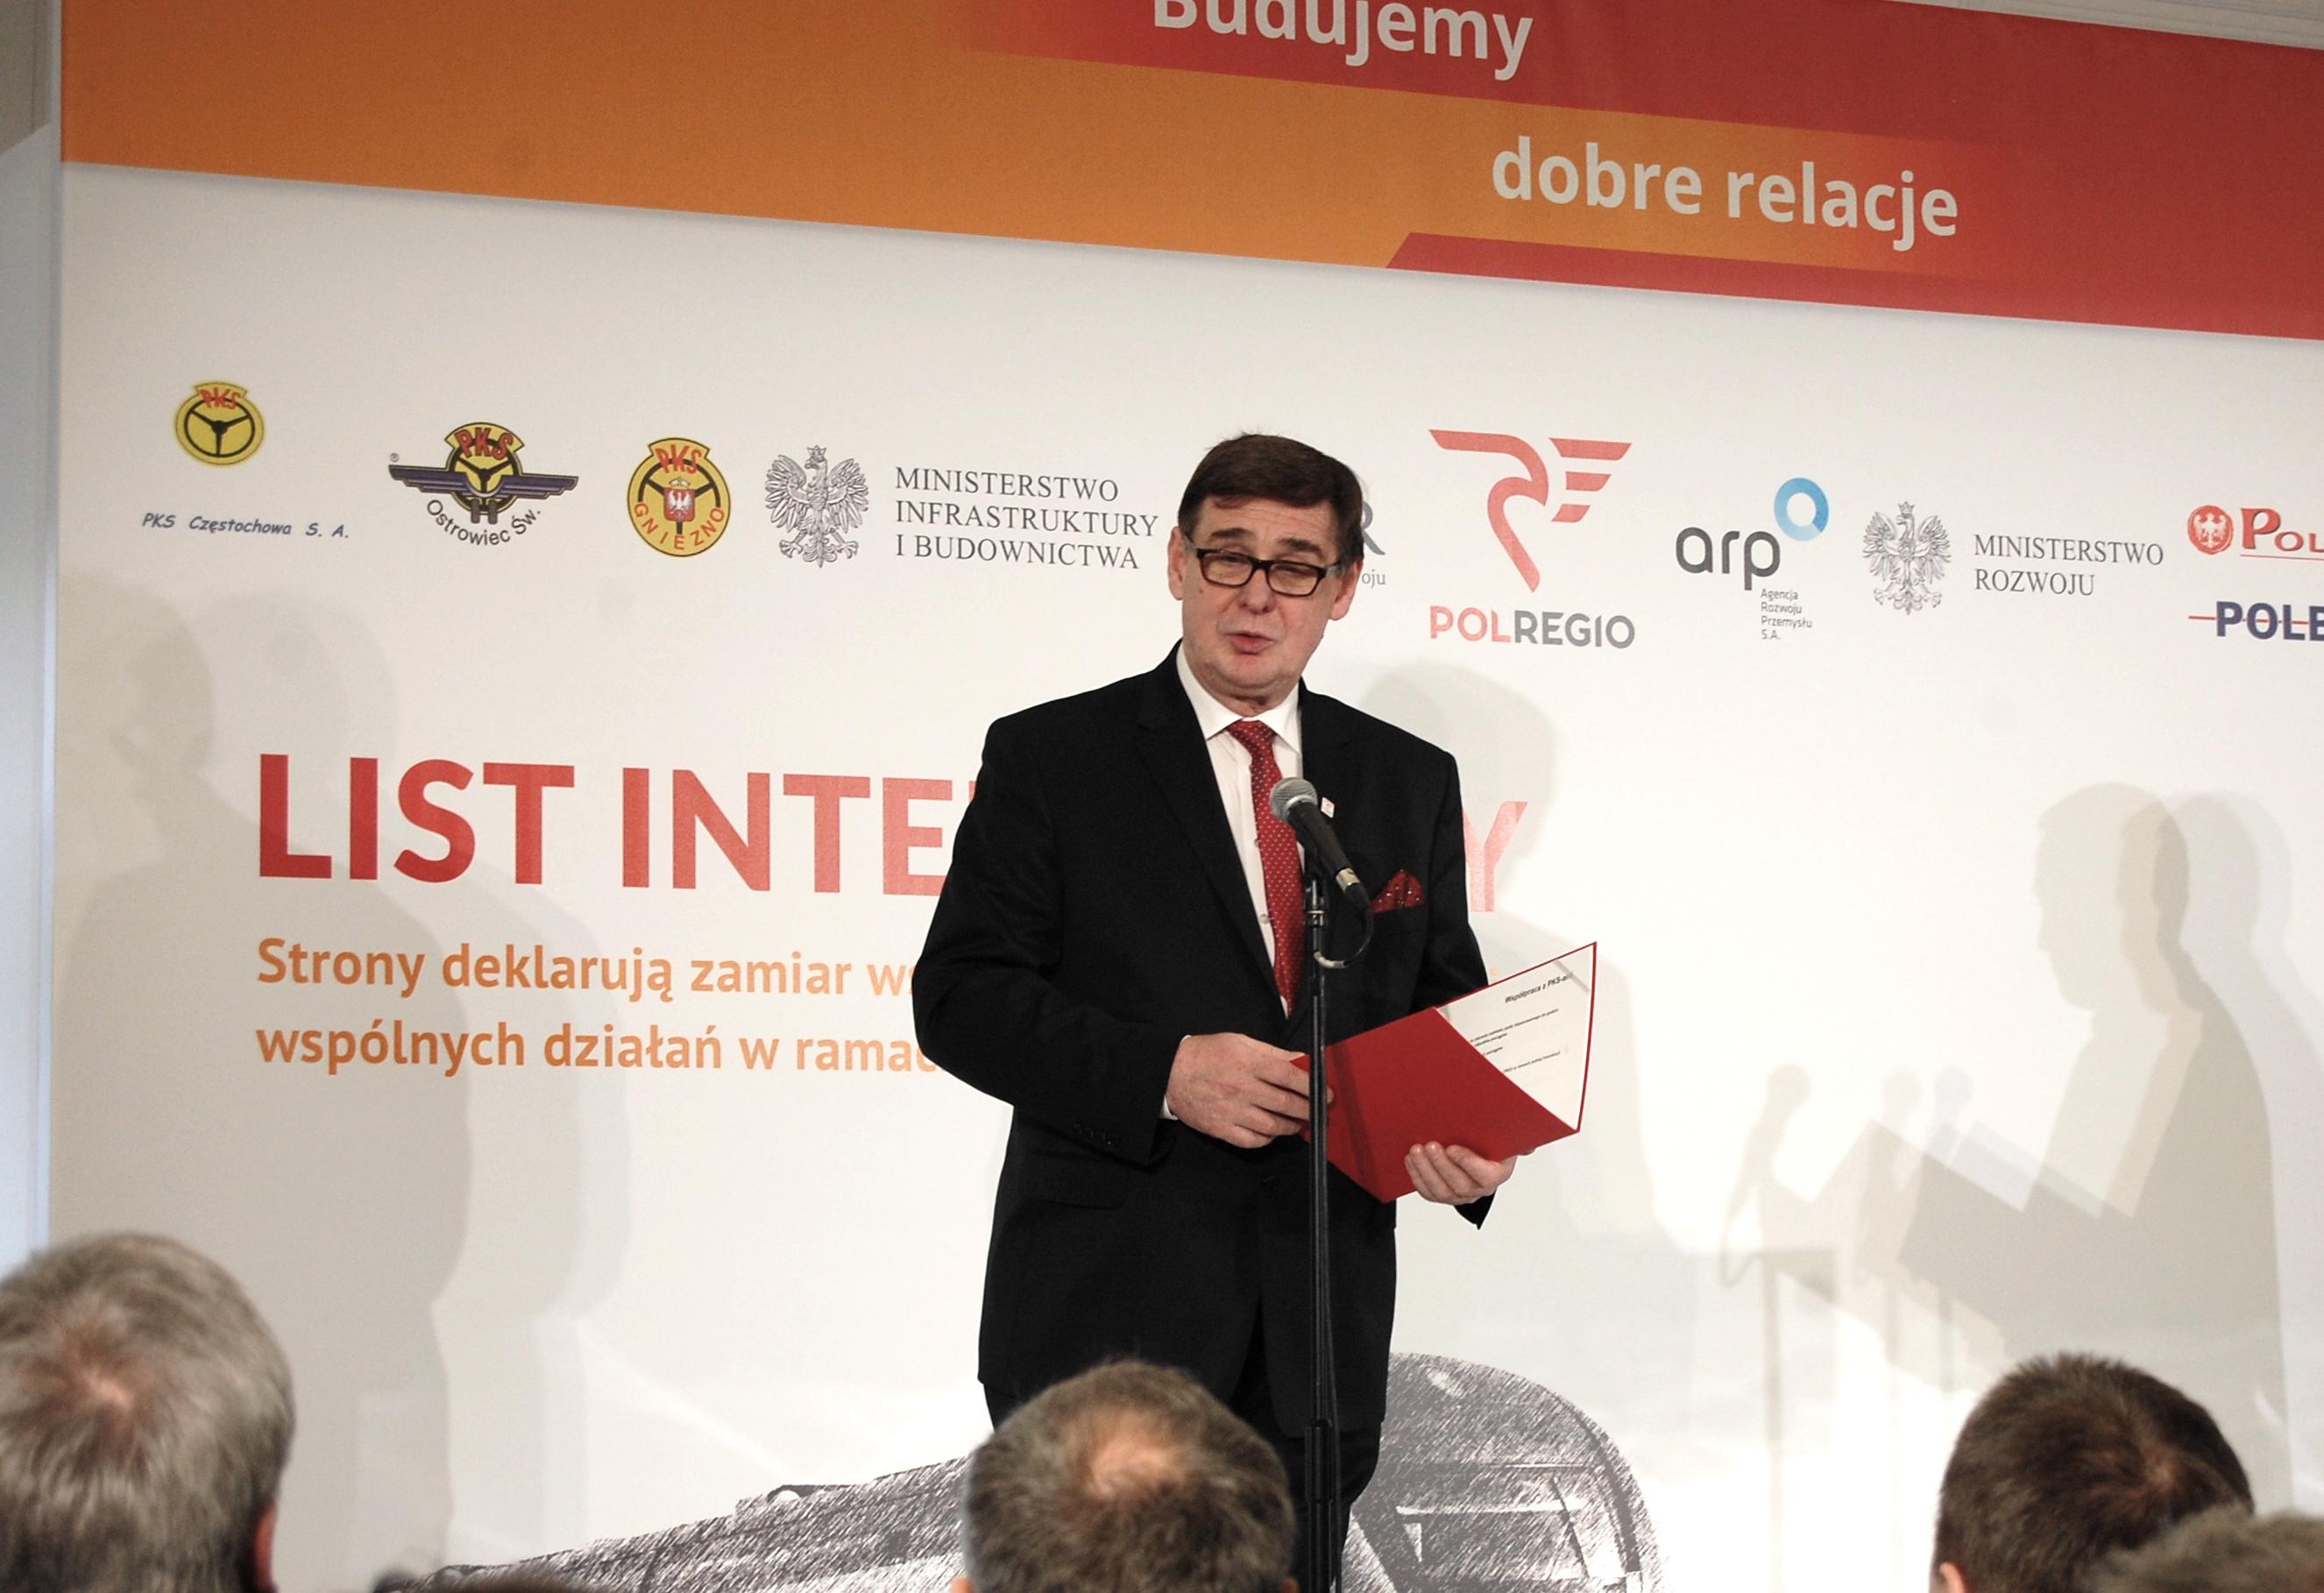 """Podsumowanie roku 2016 – Krzysztof Mamiński: ,,Wierzę, że nasze doświadczenie i odpowiedzialność pozwolą budować przyjazną kolej"""""""